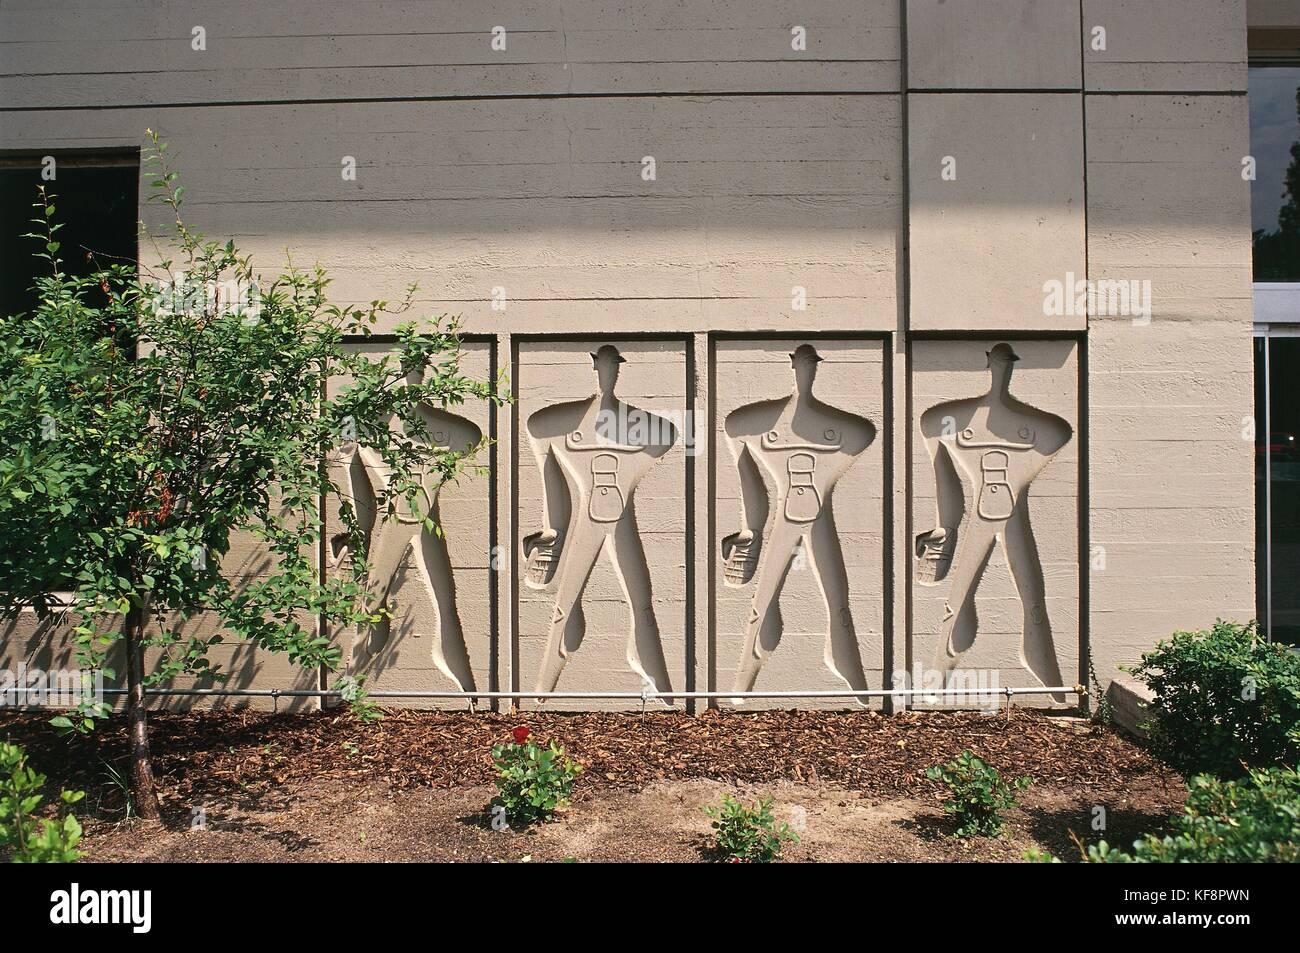 germany, berlin. modulor unit d'habitation (architect le corbusier